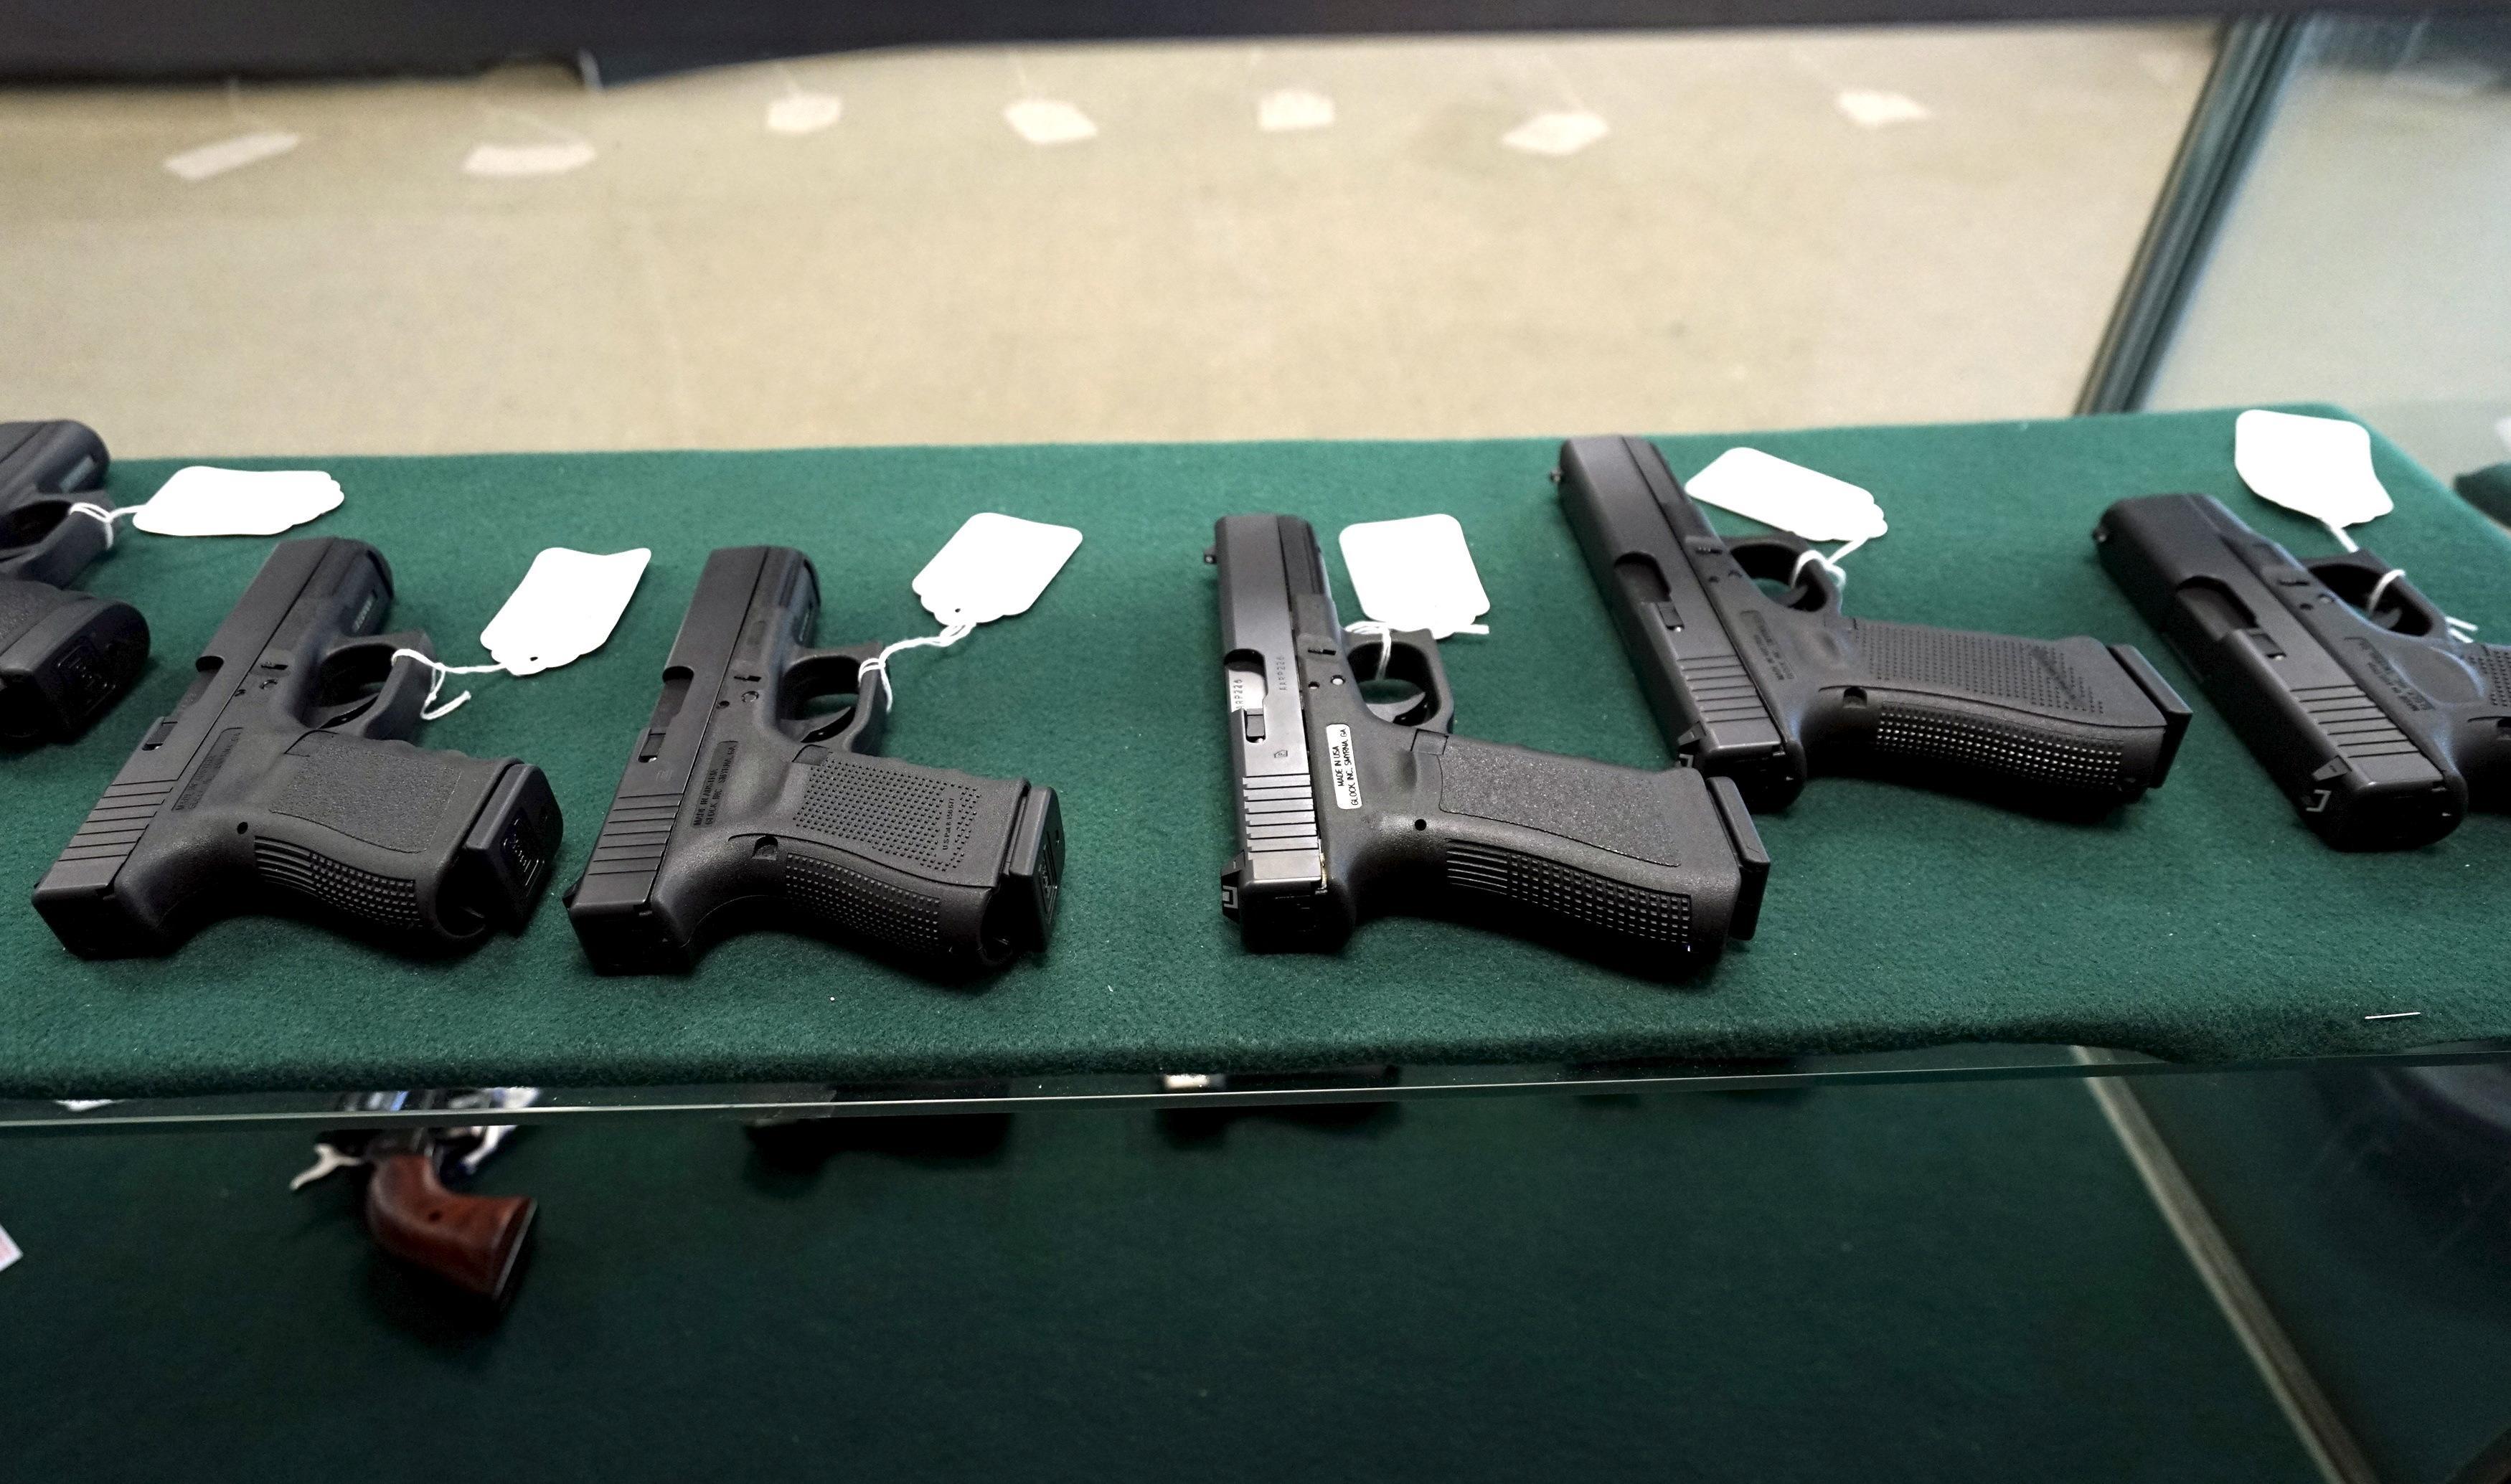 Florida teachers can arm themselves under new gun bill - Reuters